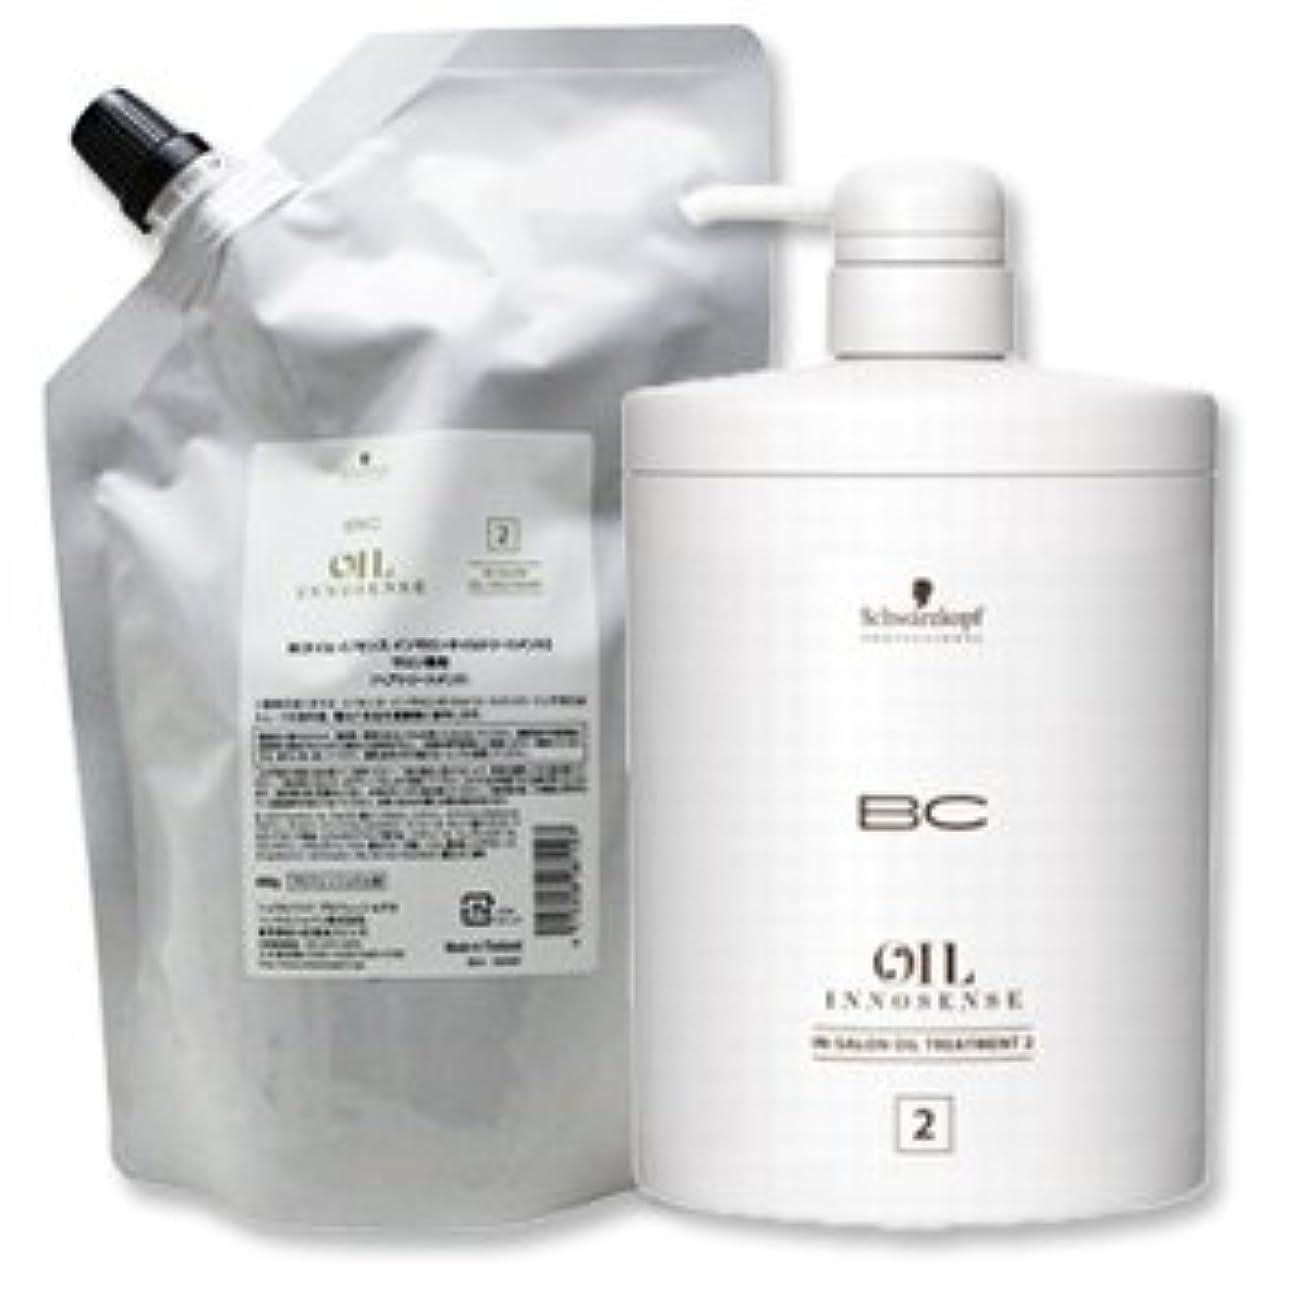 効率寛解書き出すシュワルツコフ BC オイルイノセンス インサロンオイルトリートメント2 600g + 専用容器ポンプボトル セット